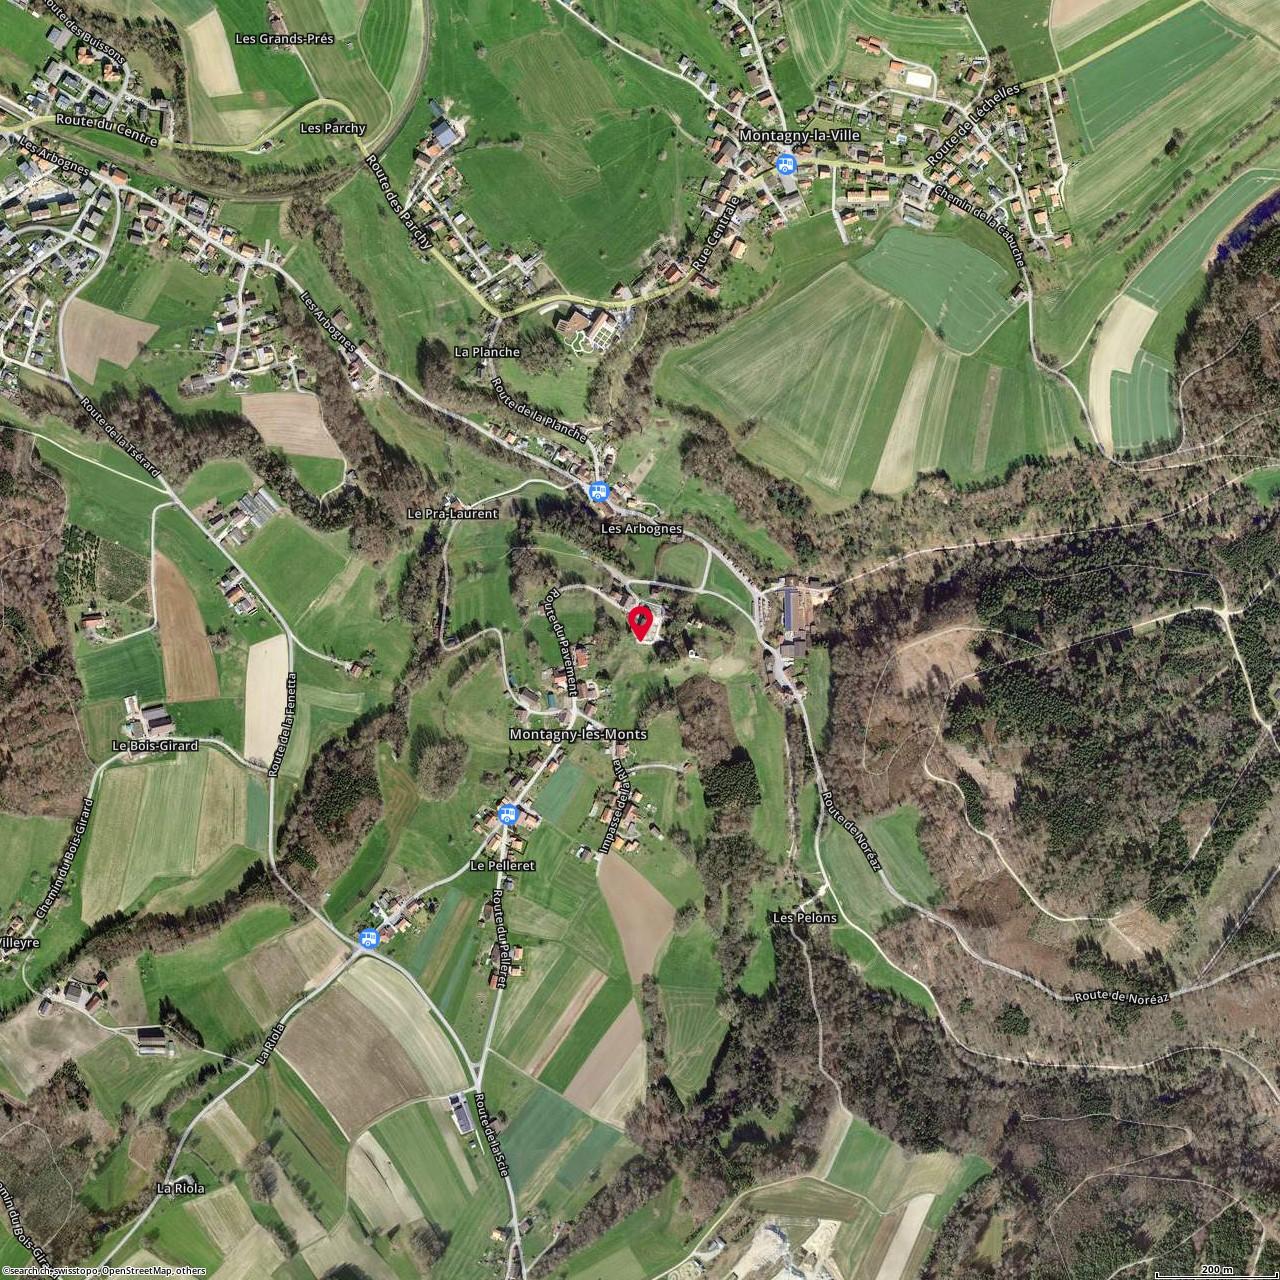 Montagny-les-Monts